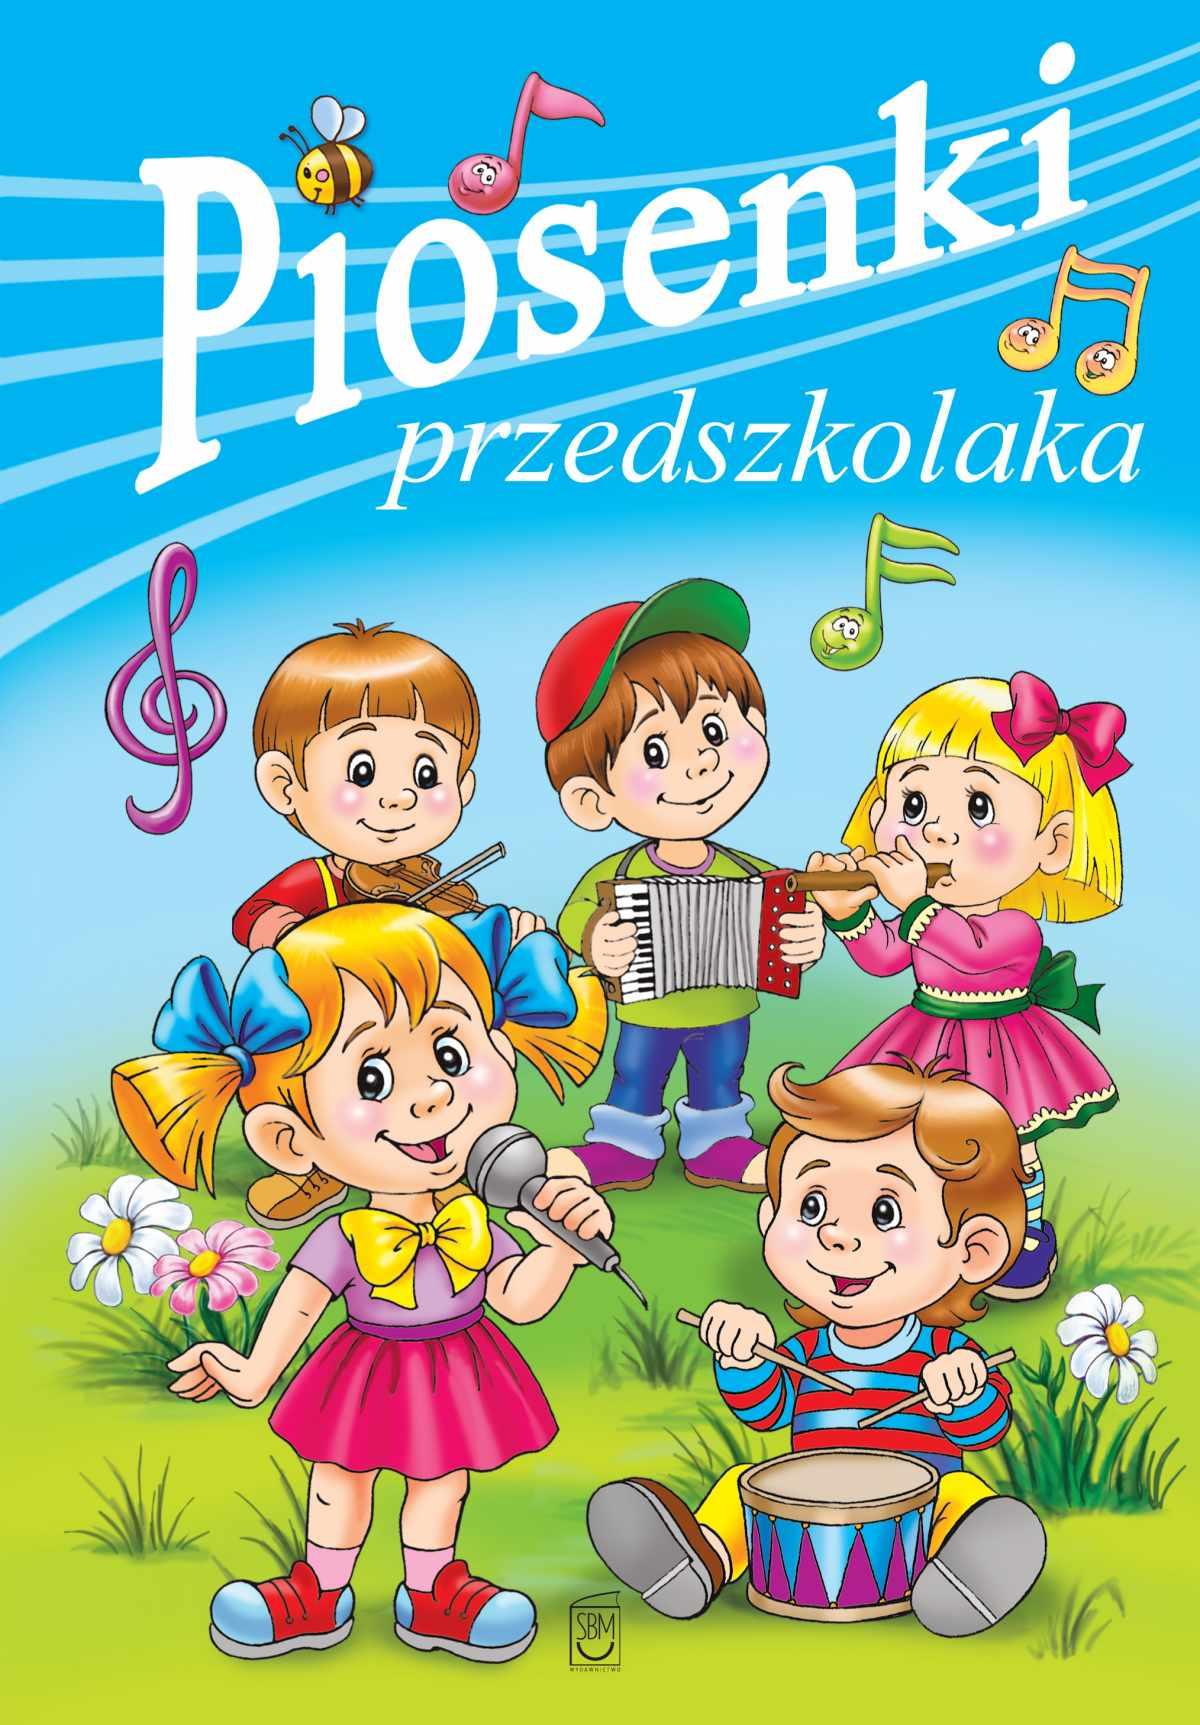 Piosenki przedszkolaka - Ebook (Książka PDF) do pobrania w formacie PDF